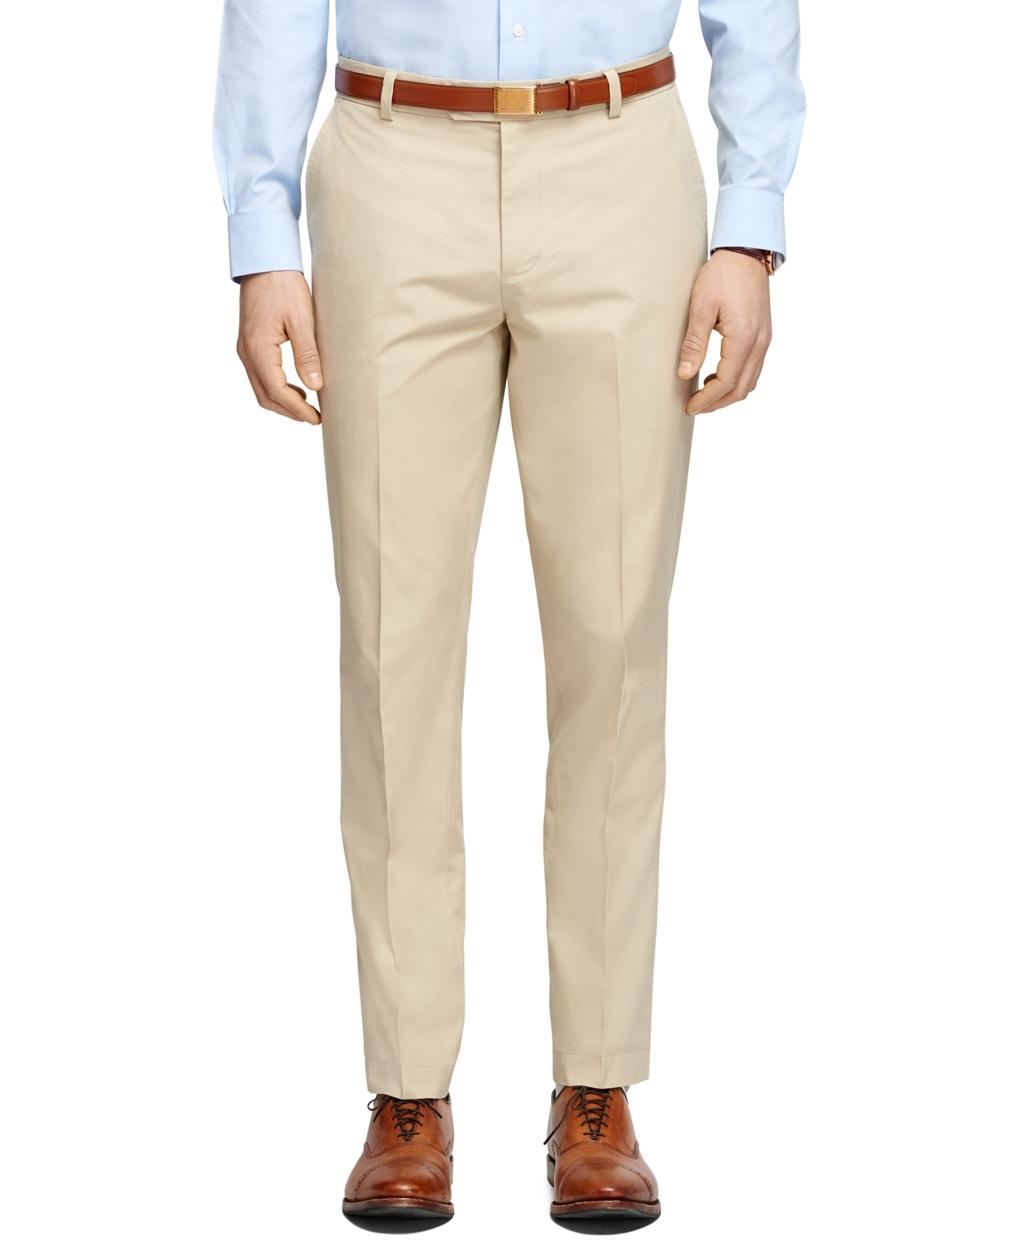 Michael Kors Jeans For Men